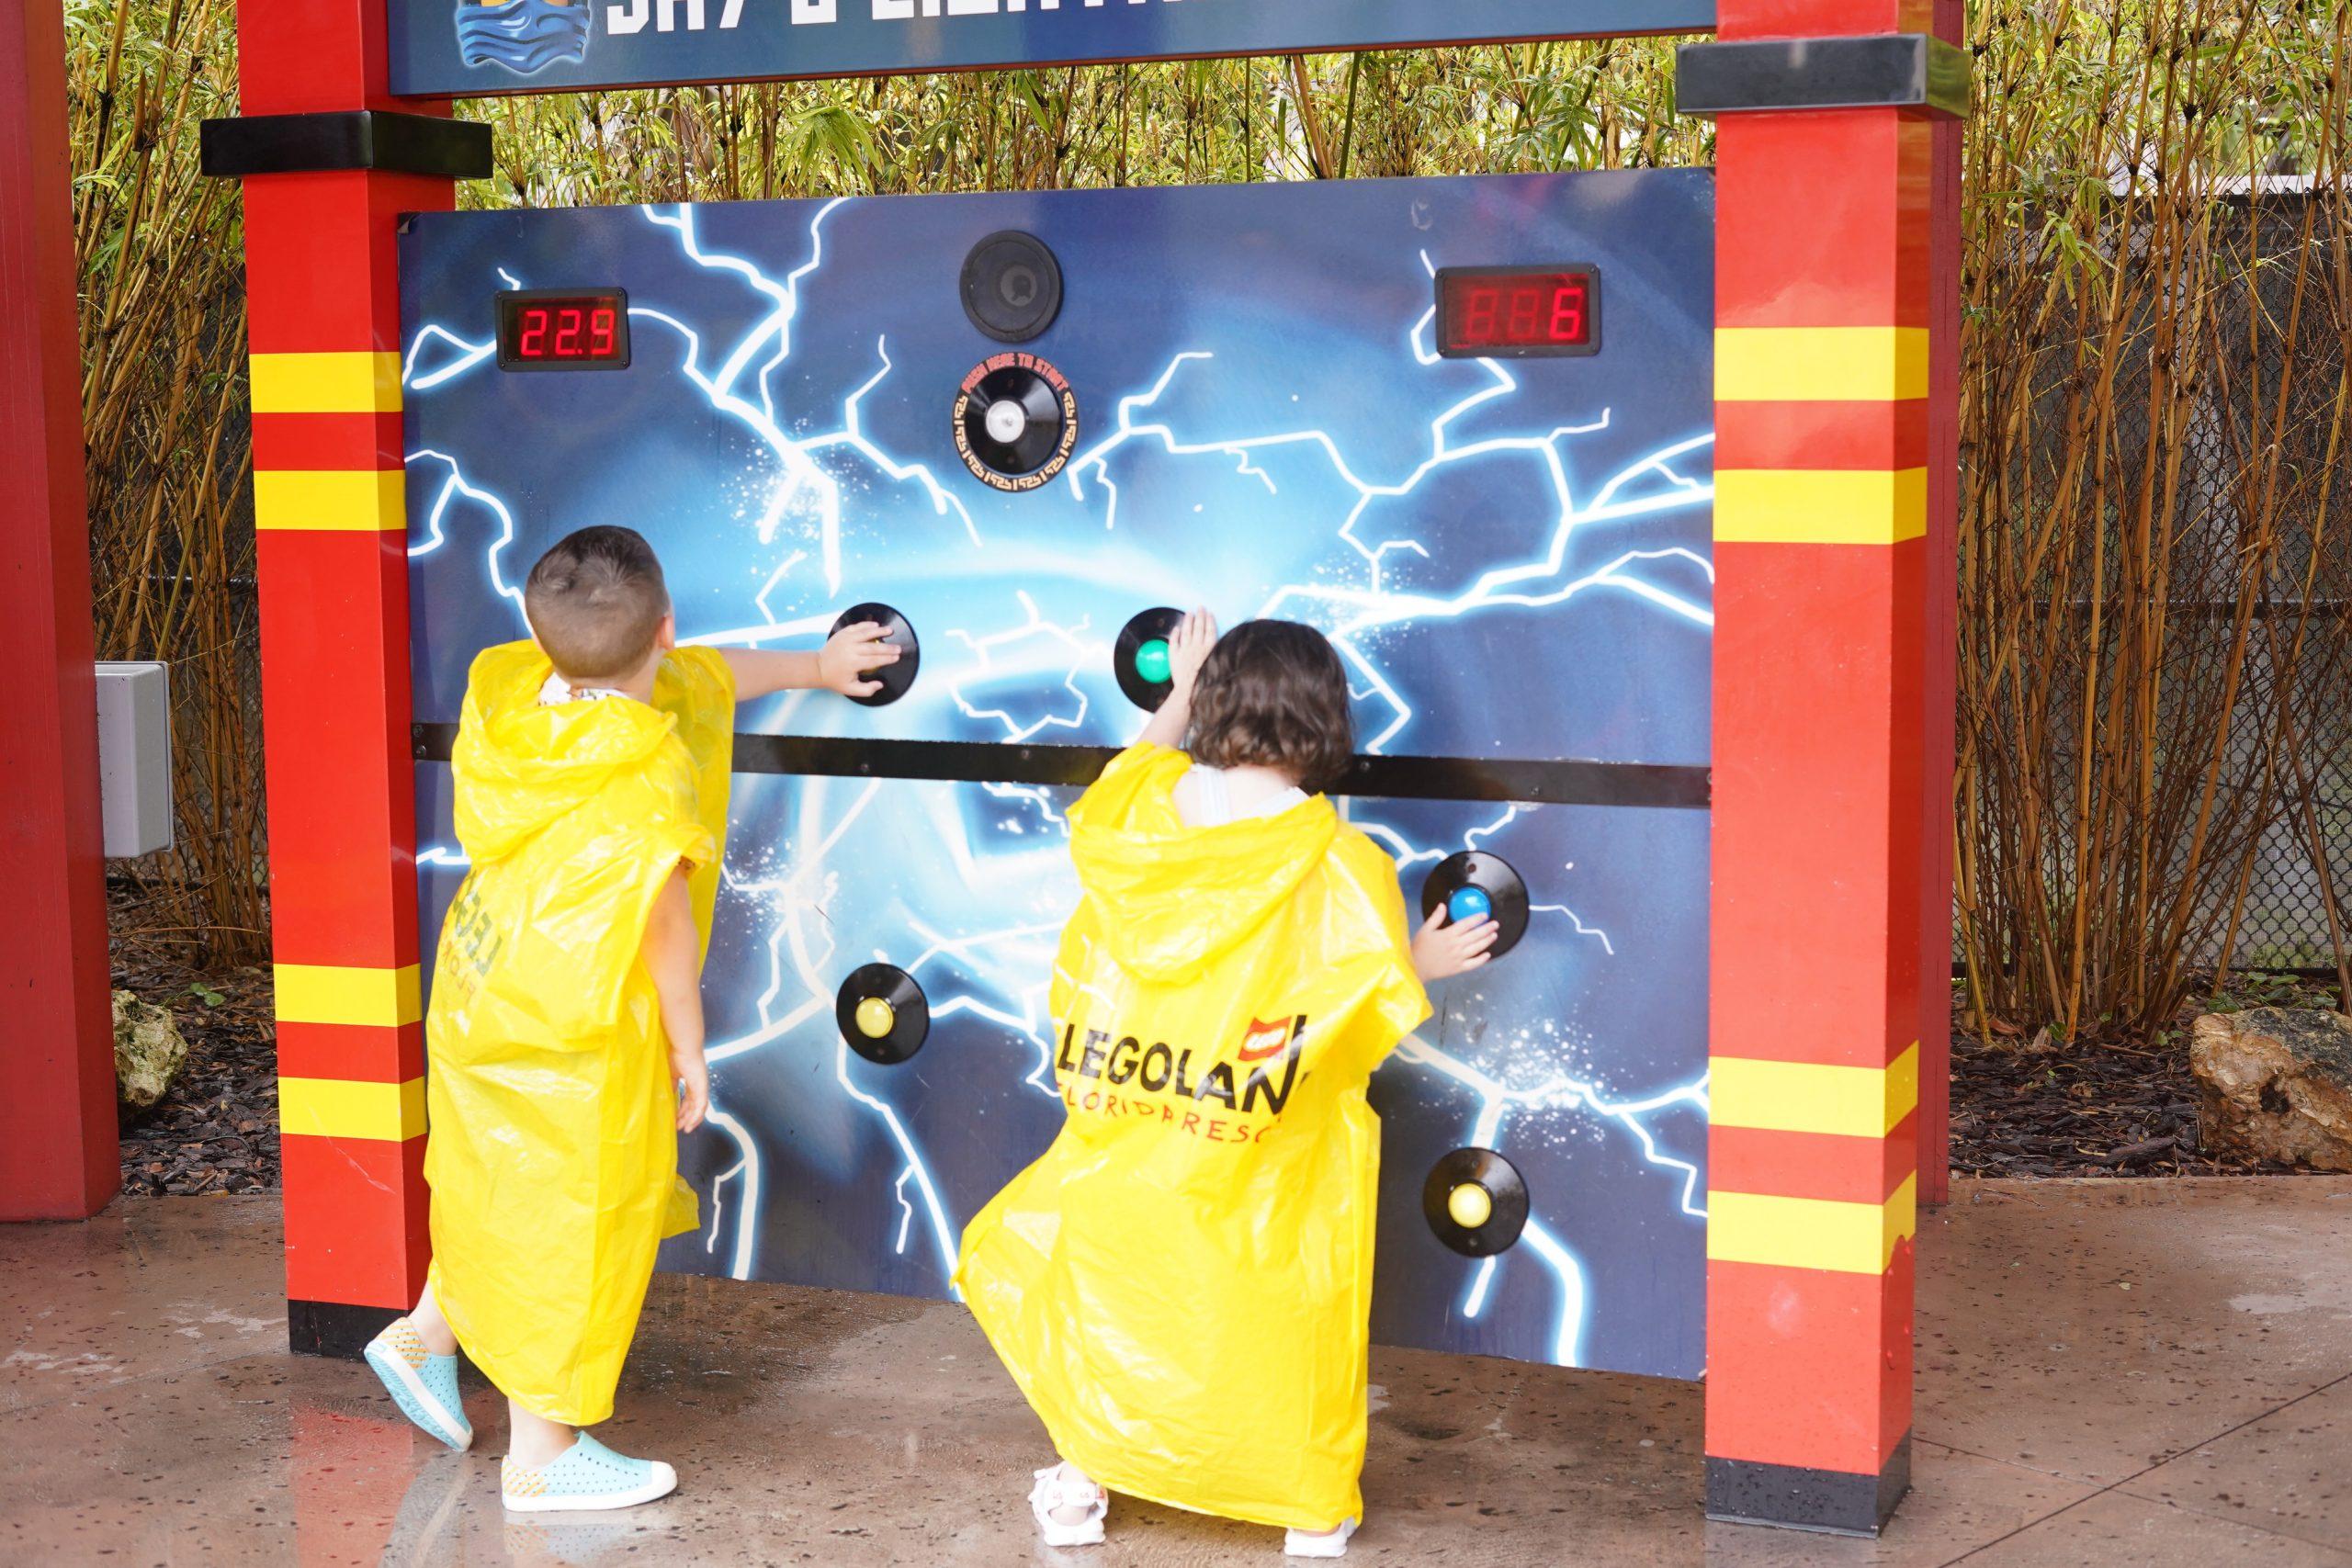 Two kids playing Jay's Lighting Drill at Ninjago world at LEGOLAND. | Guide to LEGOLAND Florida